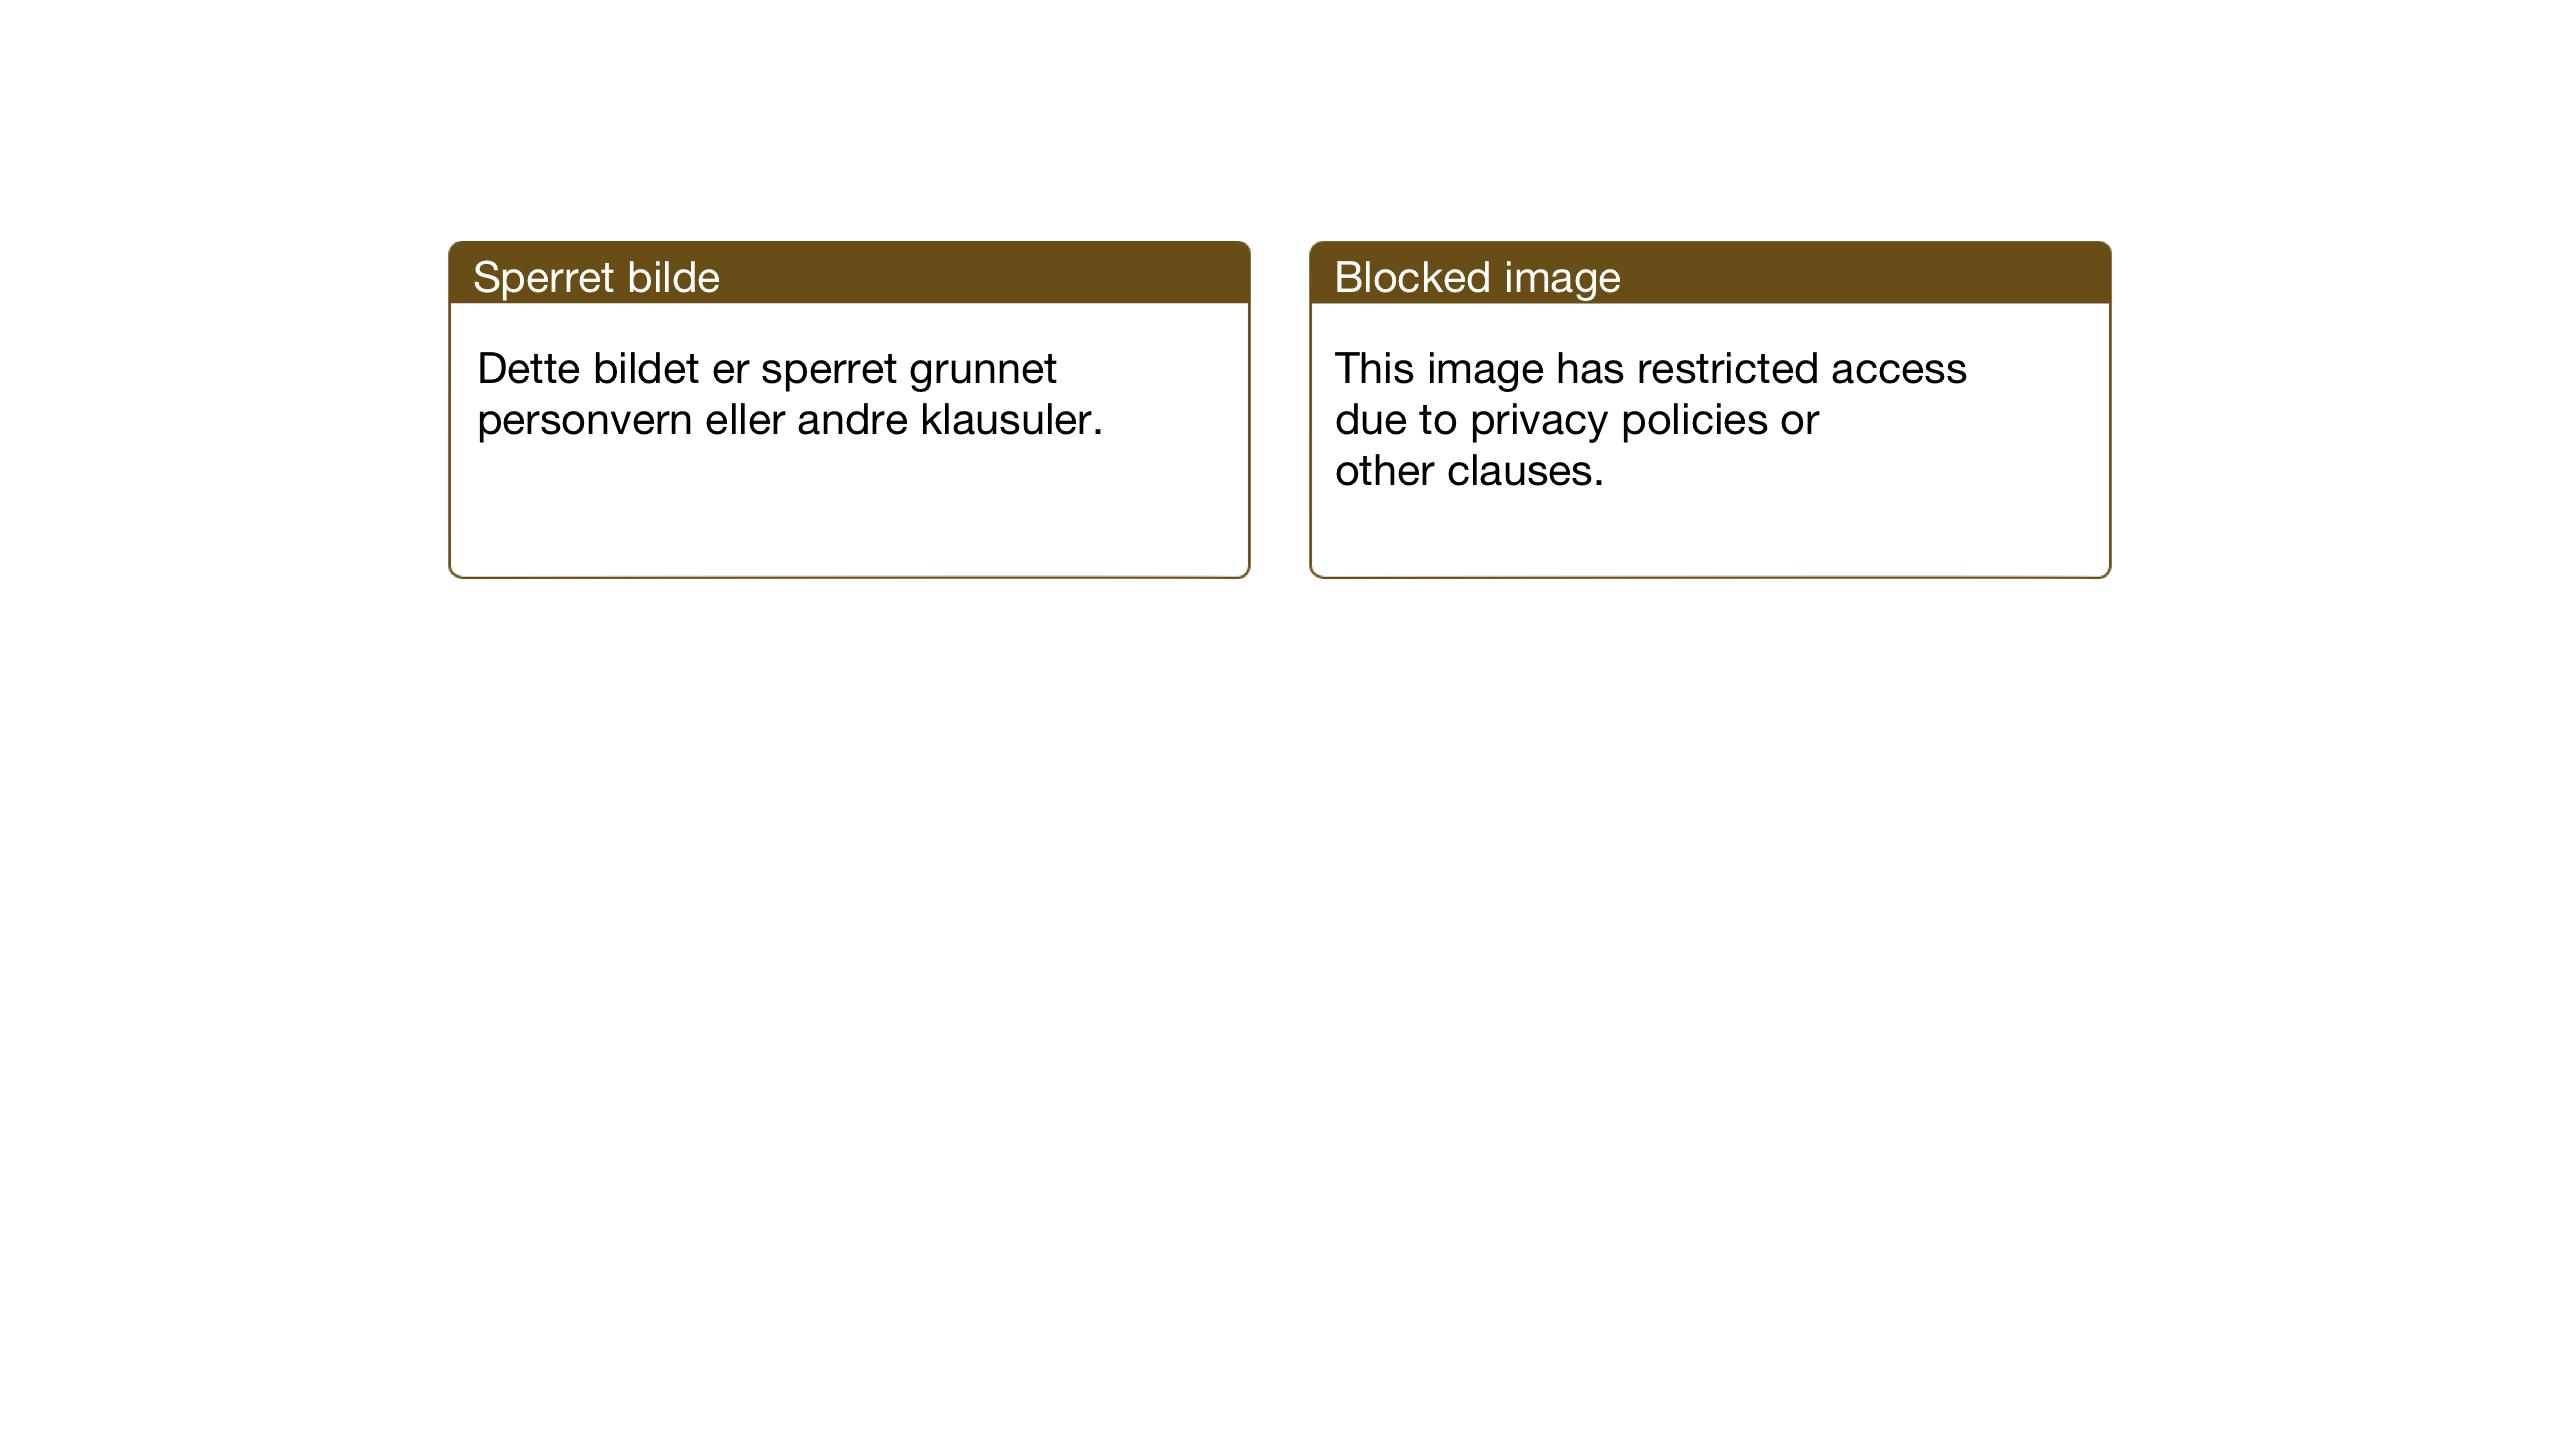 SAT, Ministerialprotokoller, klokkerbøker og fødselsregistre - Sør-Trøndelag, 640/L0590: Klokkerbok nr. 640C07, 1935-1948, s. 215